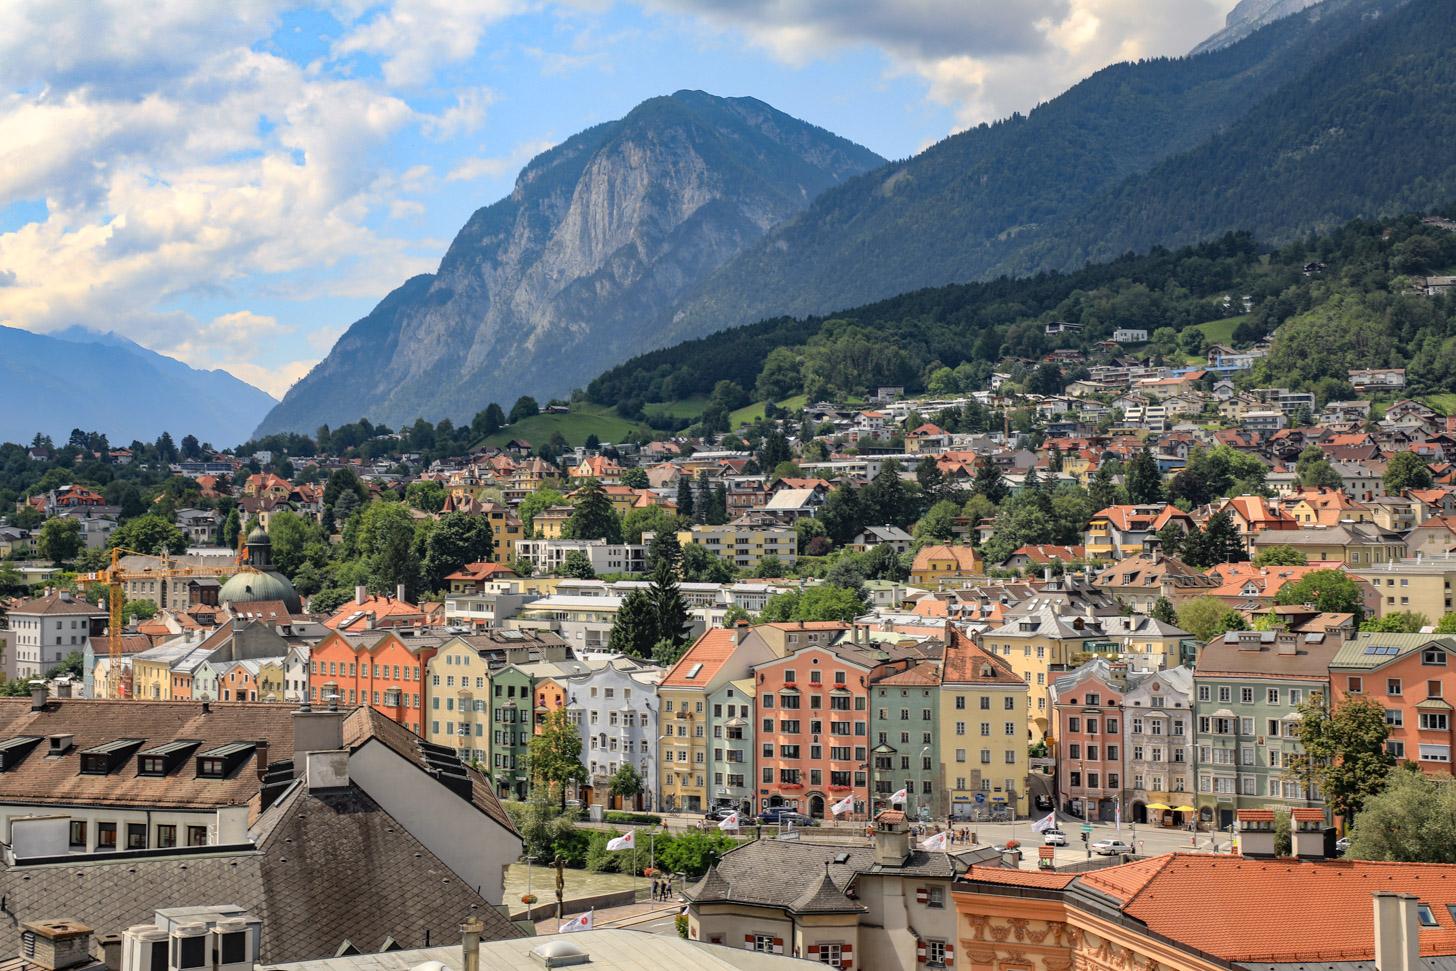 Stedentrip naar Innsbruck